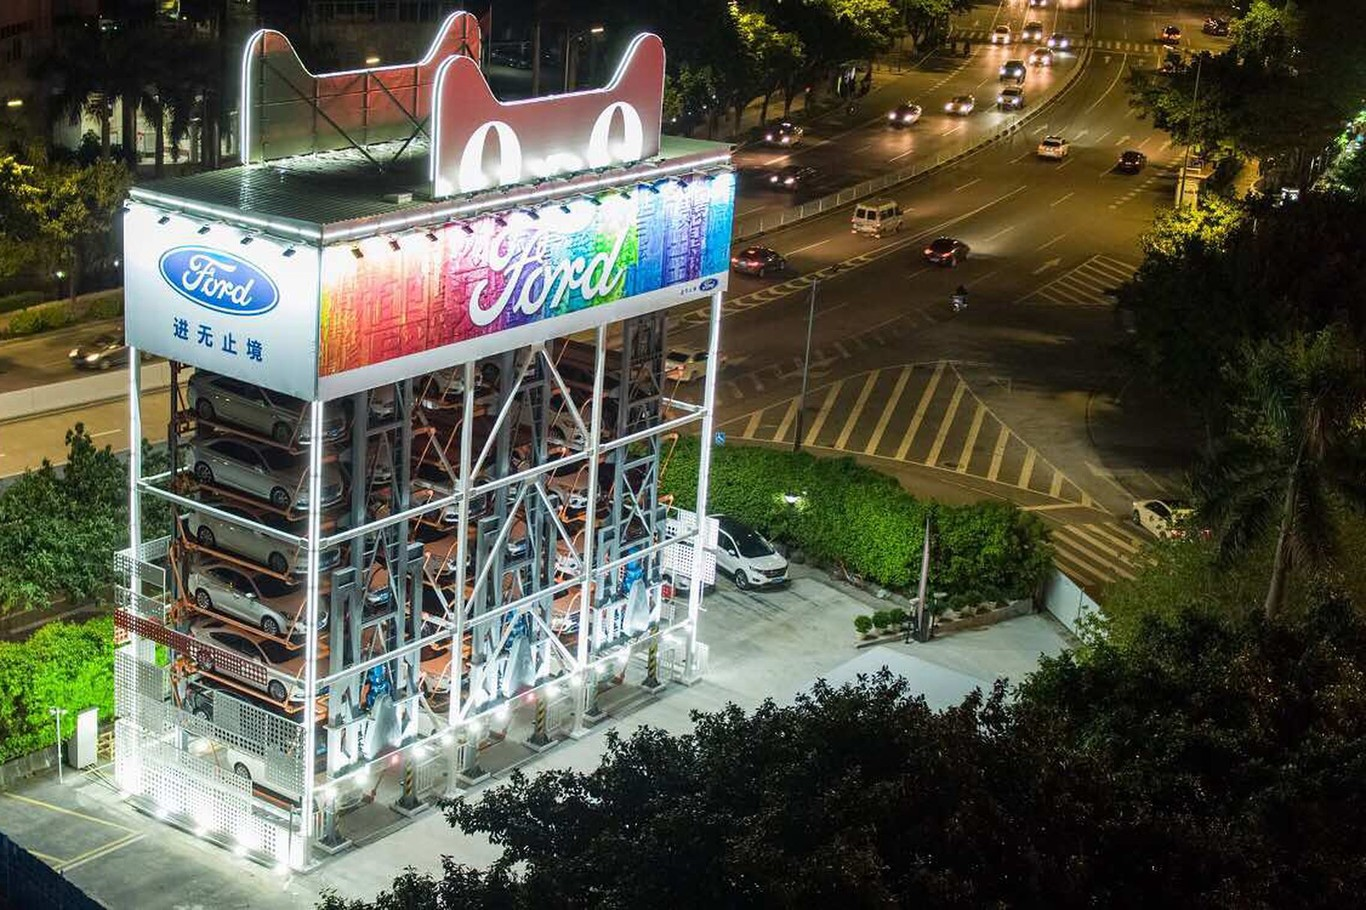 La máquina expendedora de coches de Alibaba abre en China, pero sólo para aquellos con alto puntaje ciudadano